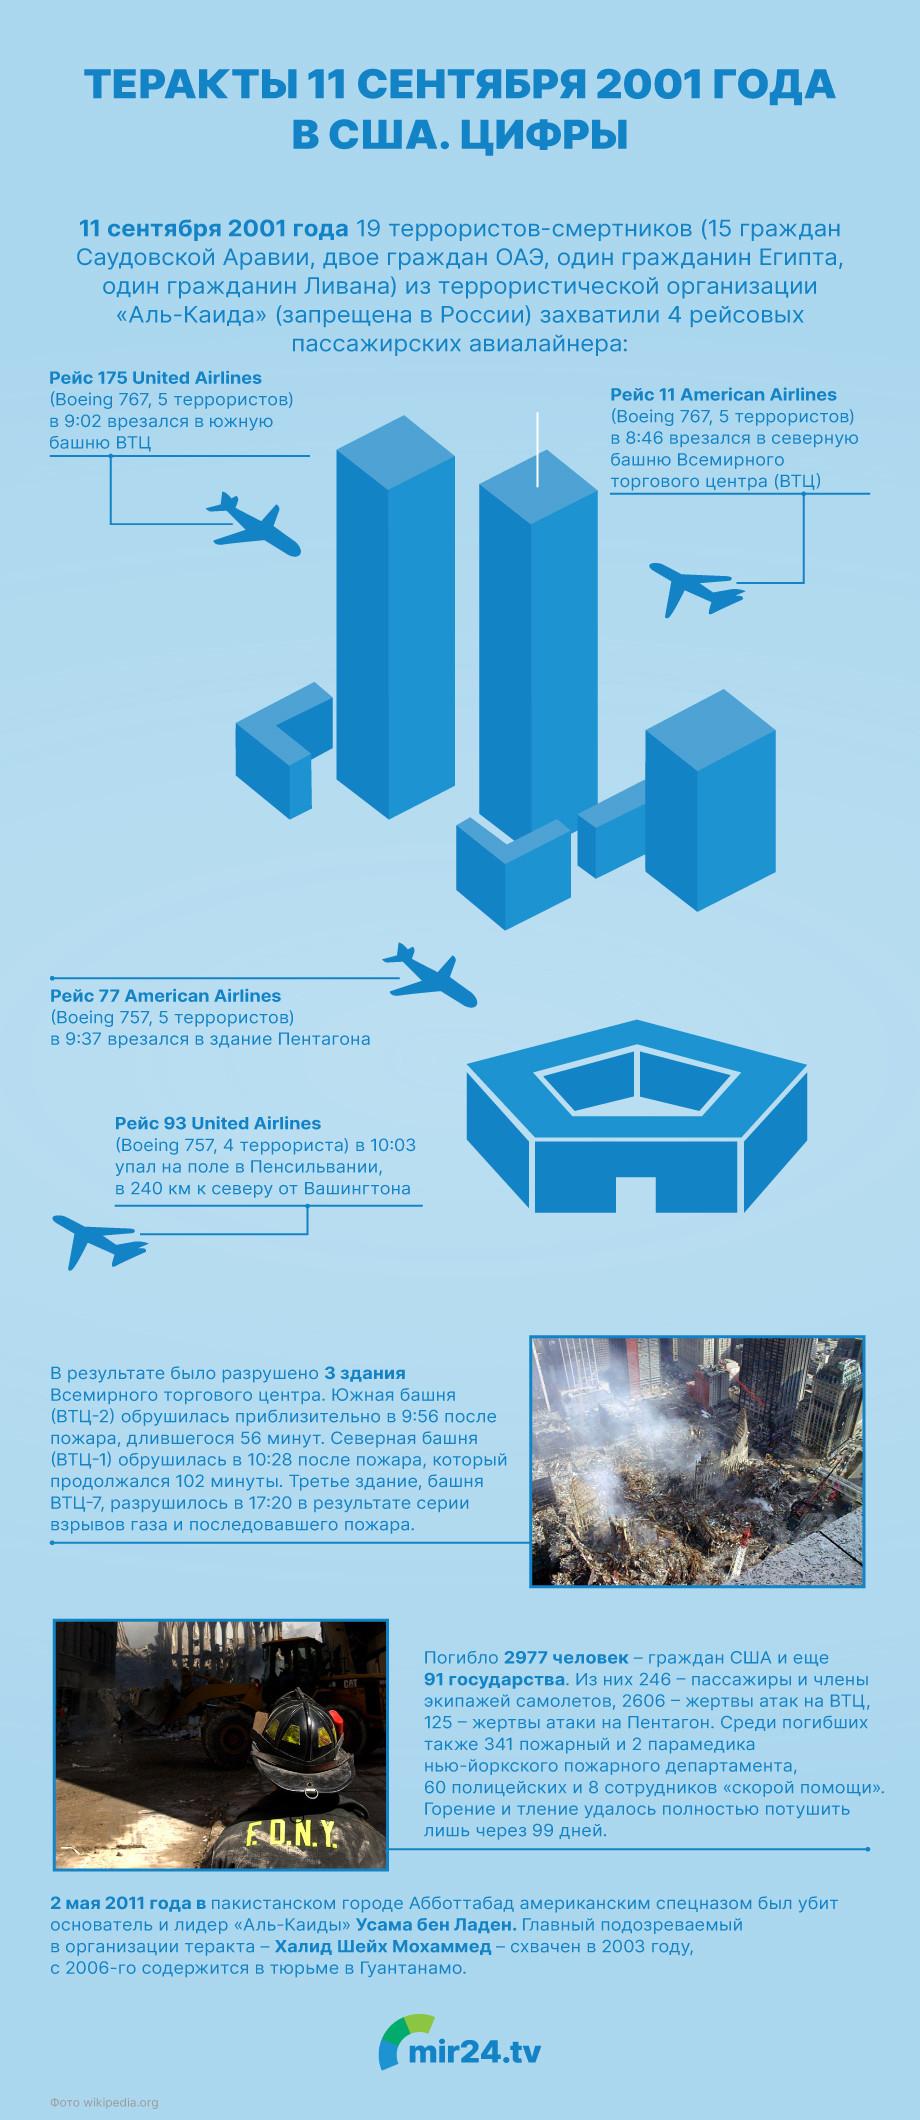 Теракт 9/11: цифры, которые потрясли Америку. ИНФОГРАФИКА